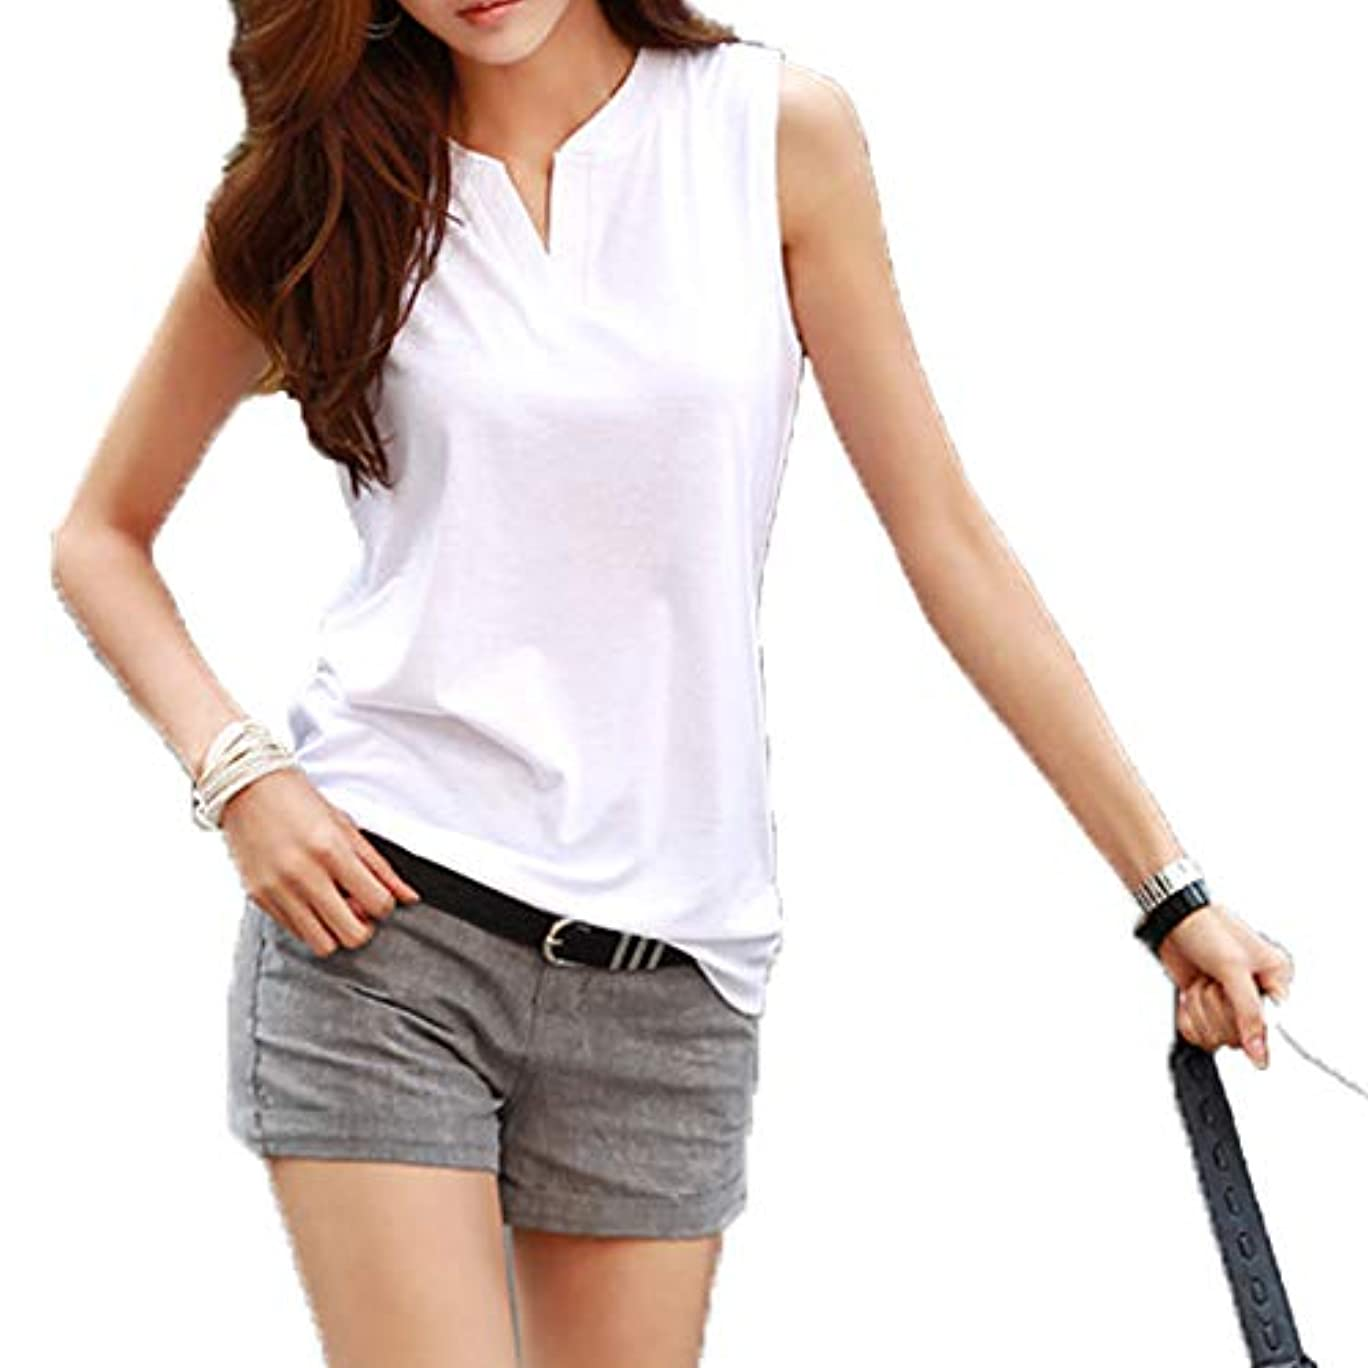 でも愚か大胆不敵[ココチエ] Tシャツ プルオーバー レディース ブラウス ノースリーブ 半袖 V コットン 白 かっこいい かわいい おしゃれ